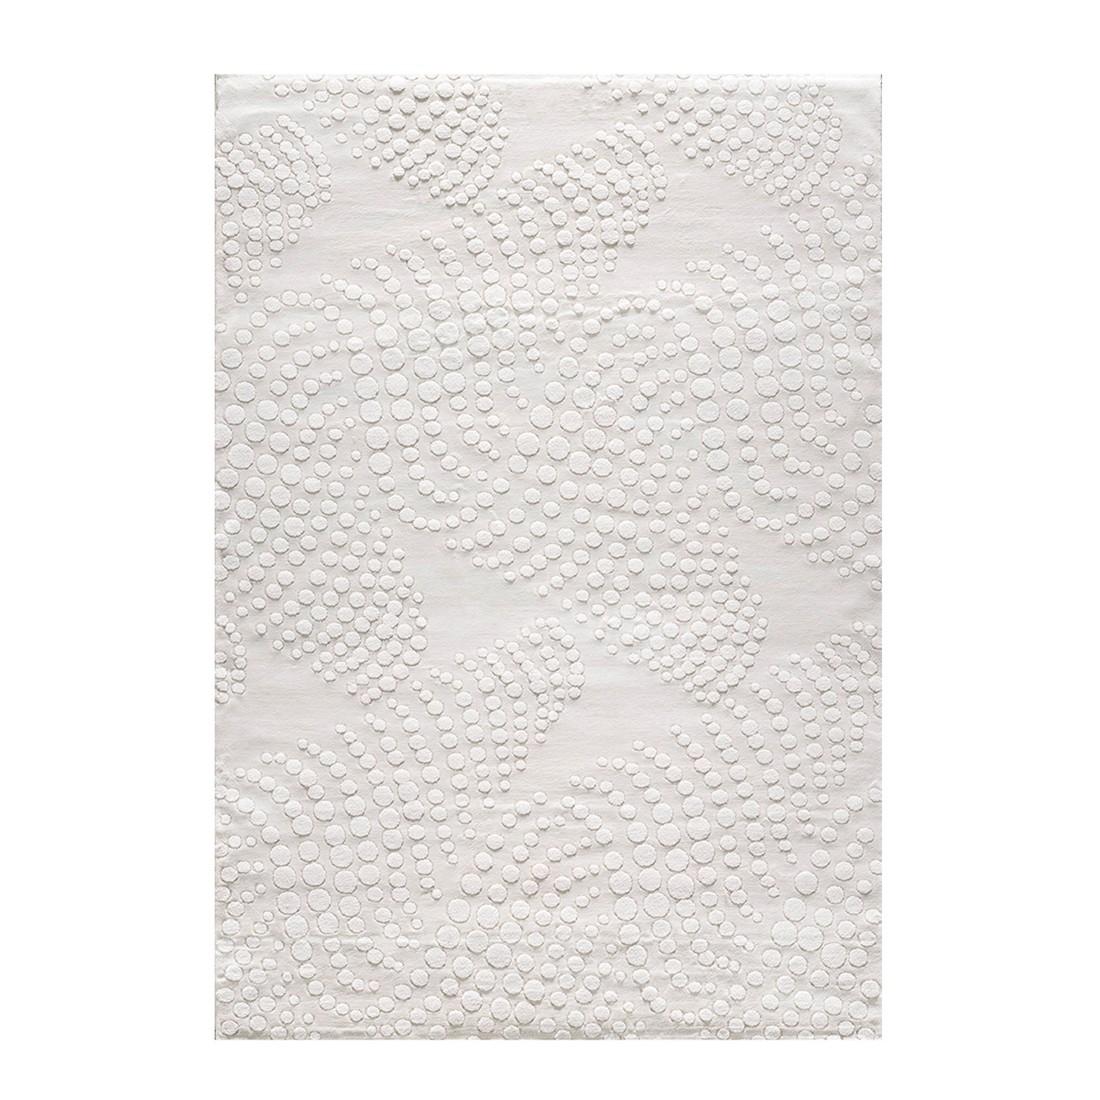 Nano Teppich Lokum Talaz – Beige – Maße: 160 x 230 cm, Kayoom online bestellen